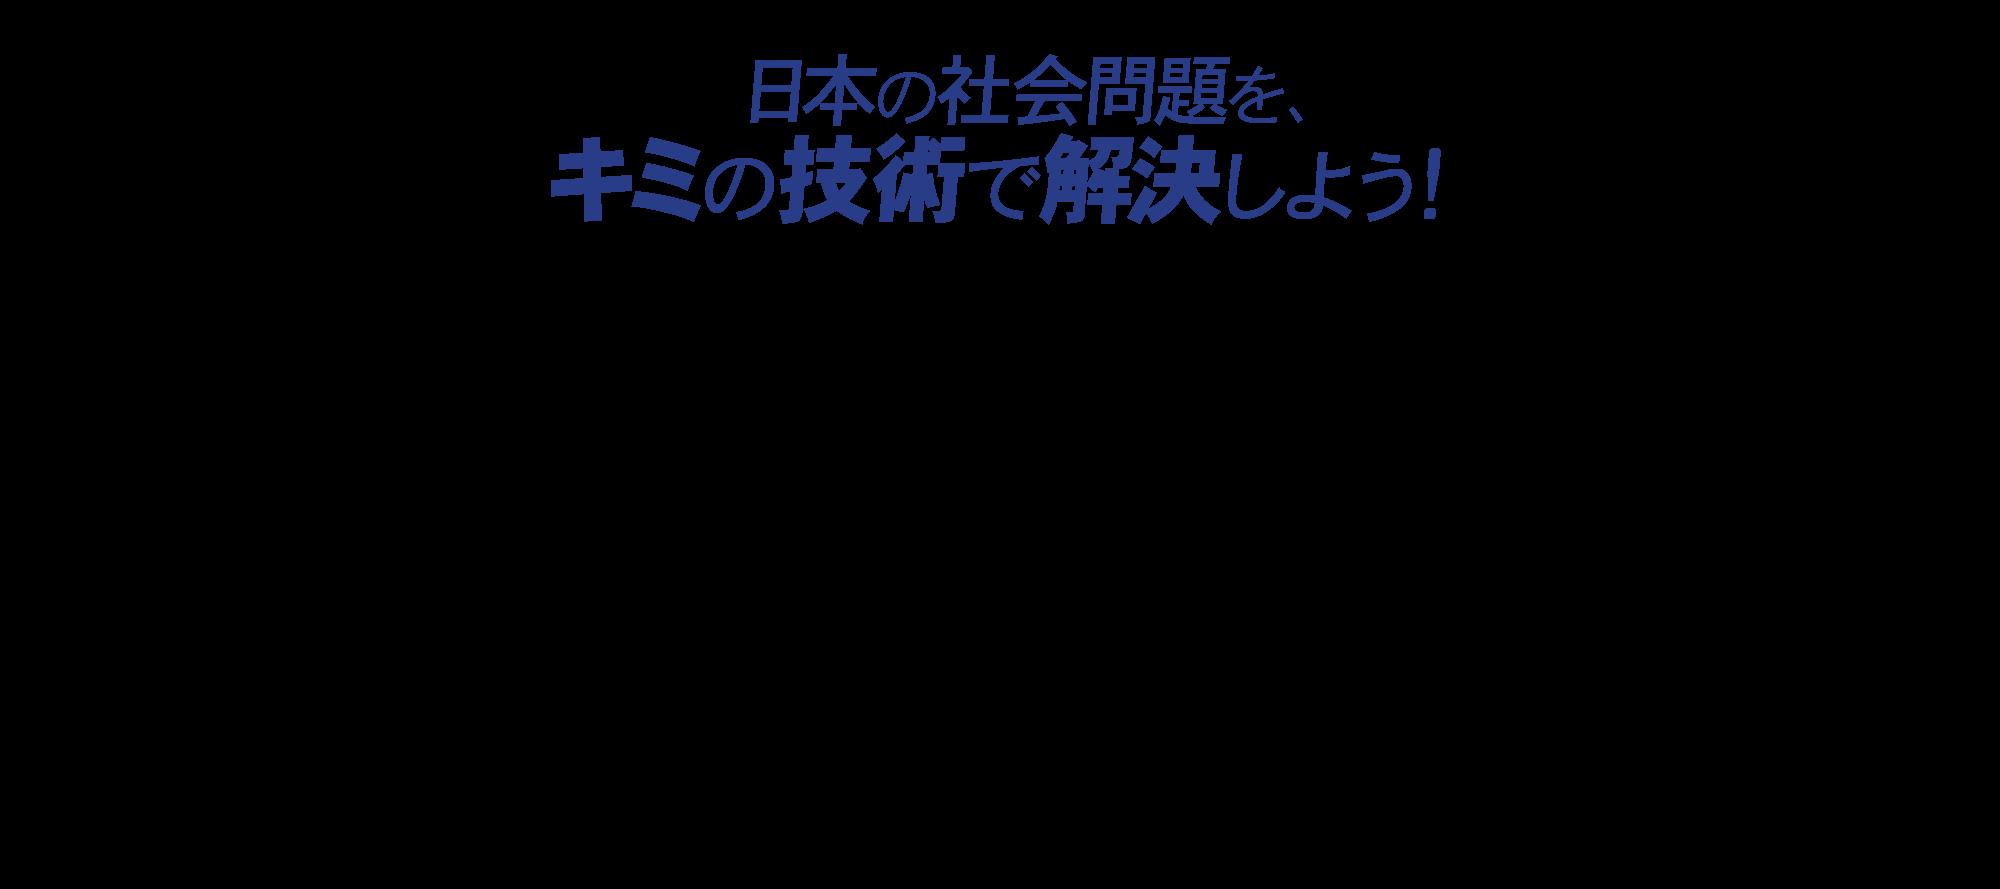 日本の社会問題を、キミの技術で解決しよう!